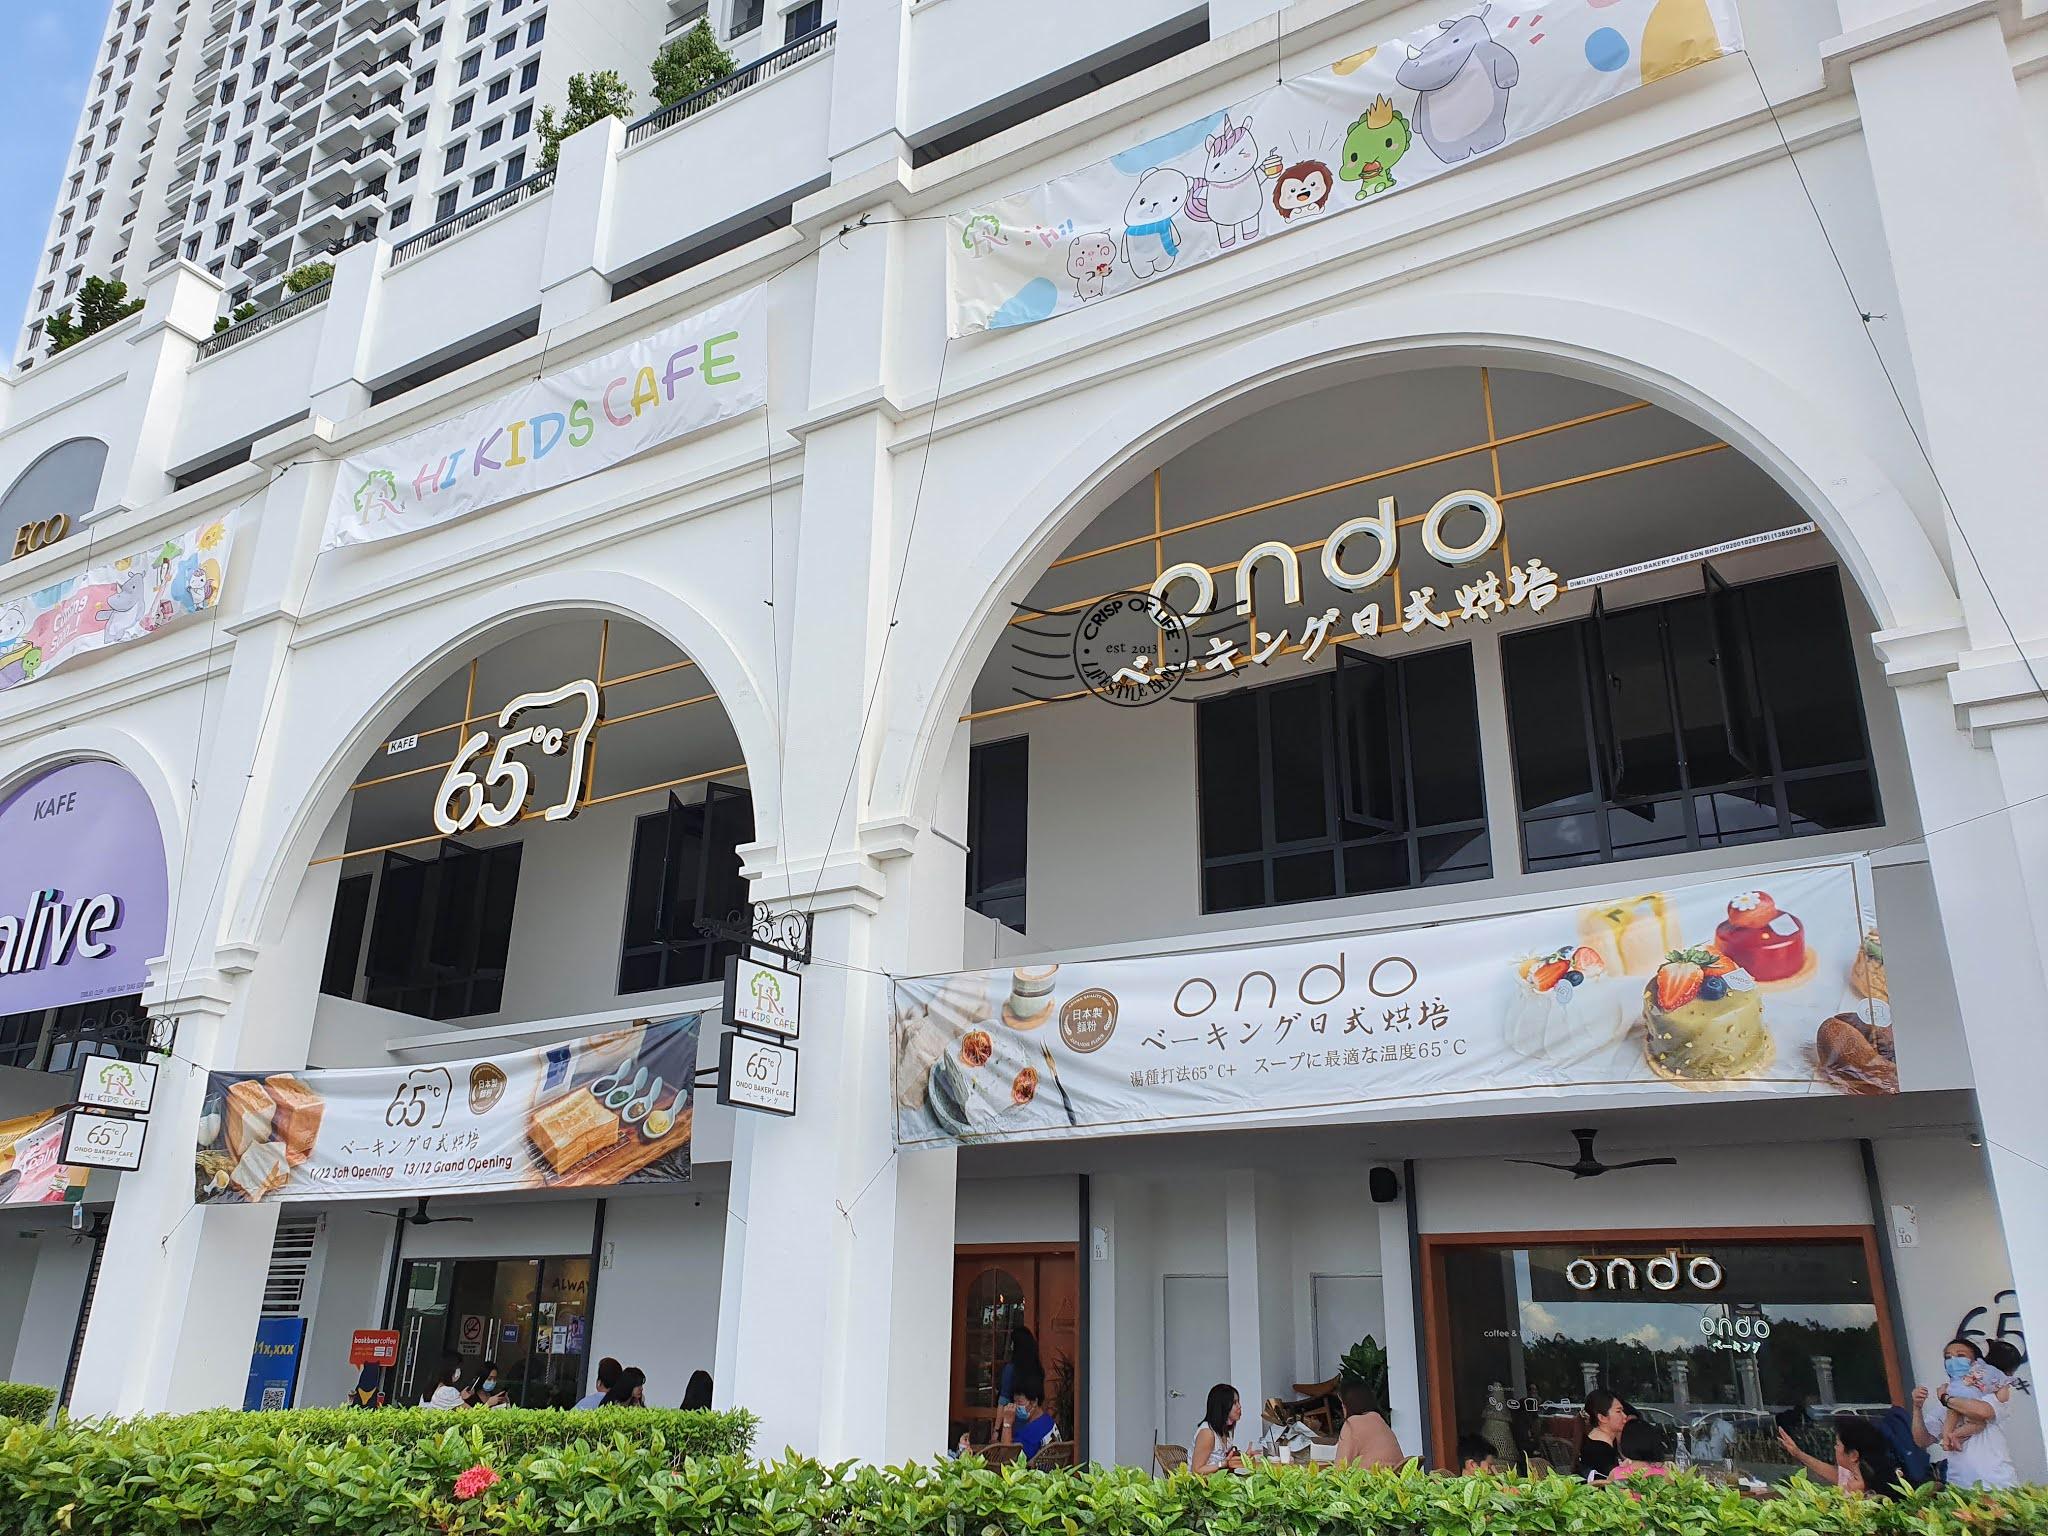 65 Ondo Bakery Cafe @ Eco Bloom, Simpang Ampat, Penang